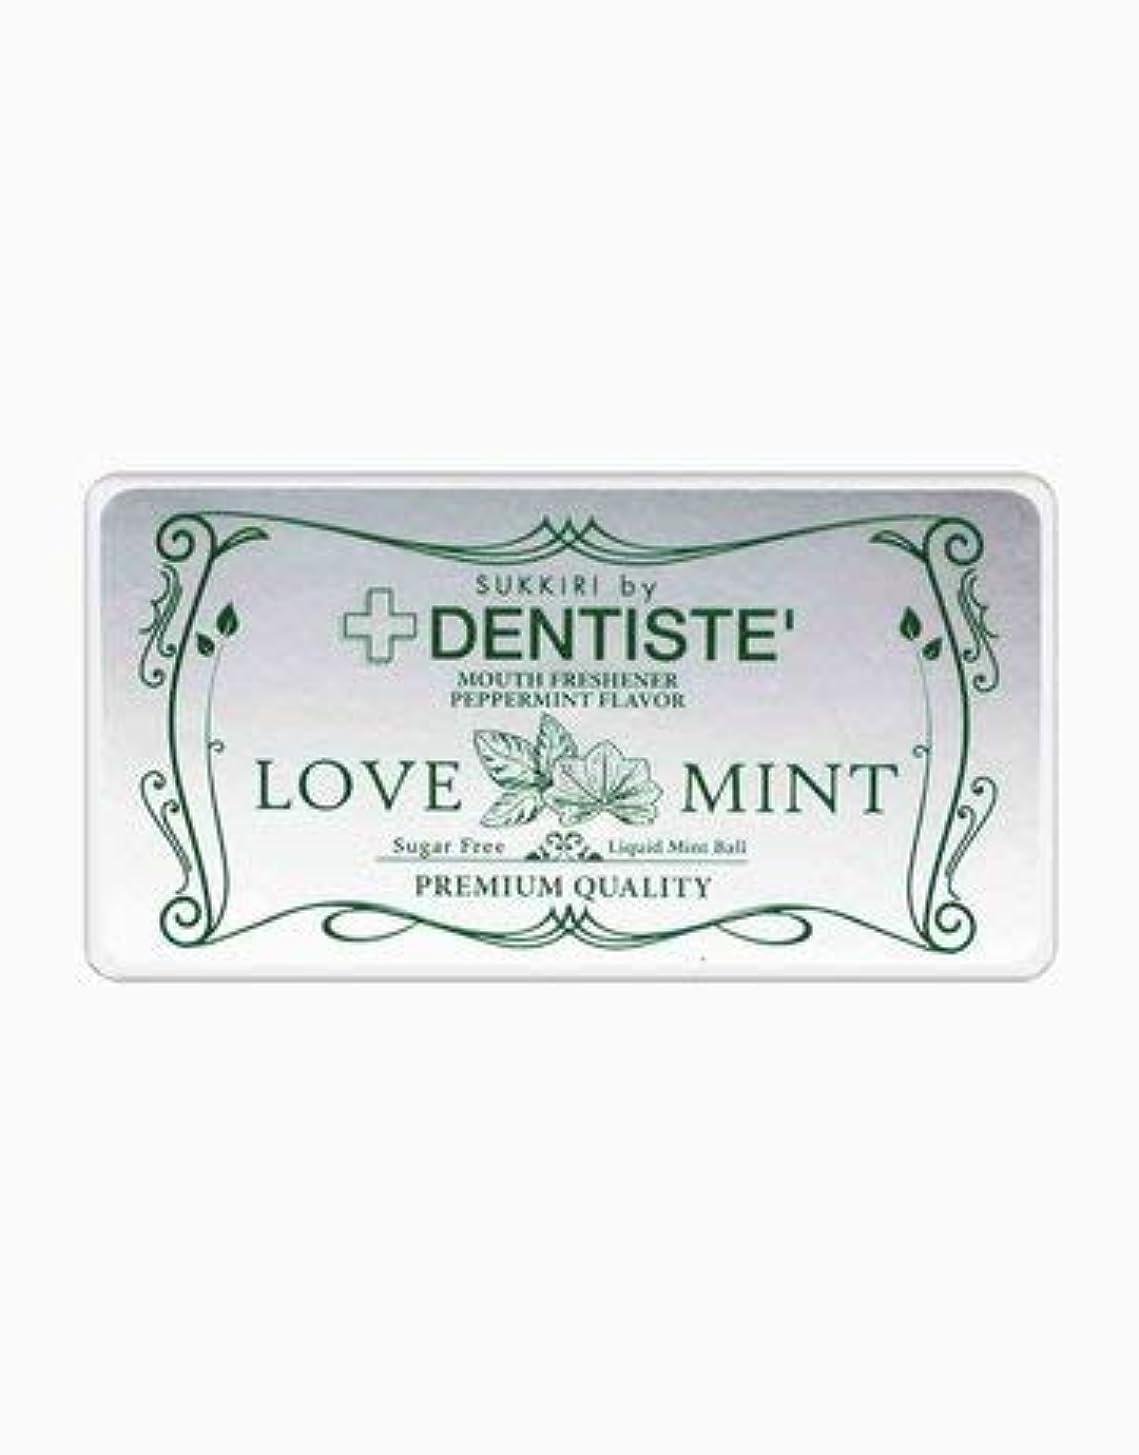 歯鎖むちゃくちゃ(デンティス) DENTISTE 口臭ケア カプセル 「LOVE MINT」 シュガーフリー デオドラント錠